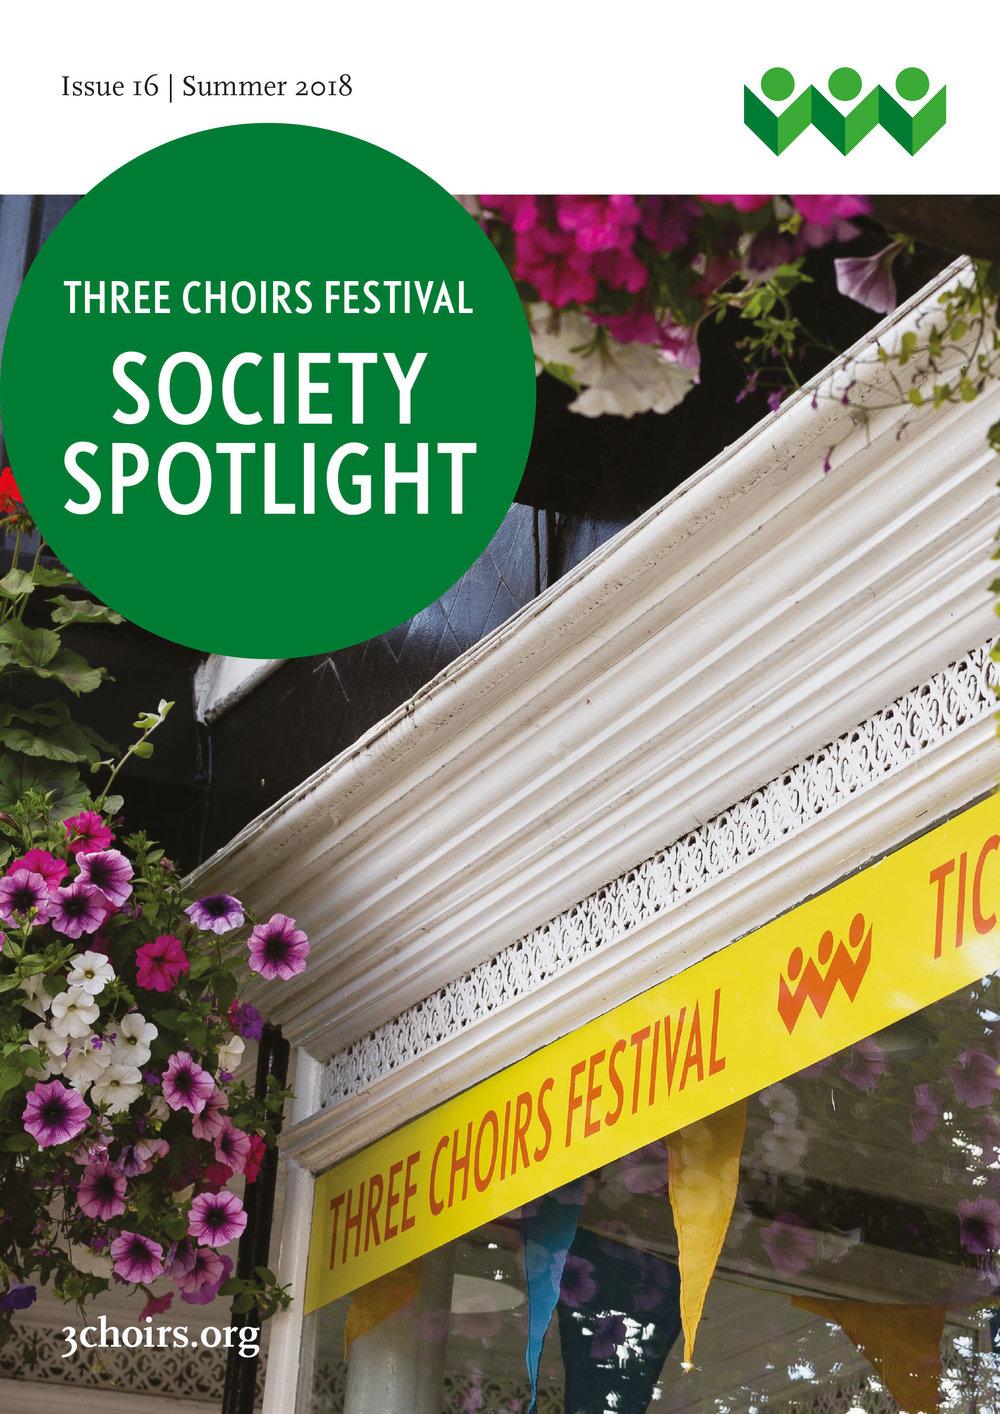 TCF_Society_Spotlight_Issue_16_AWs.jpg